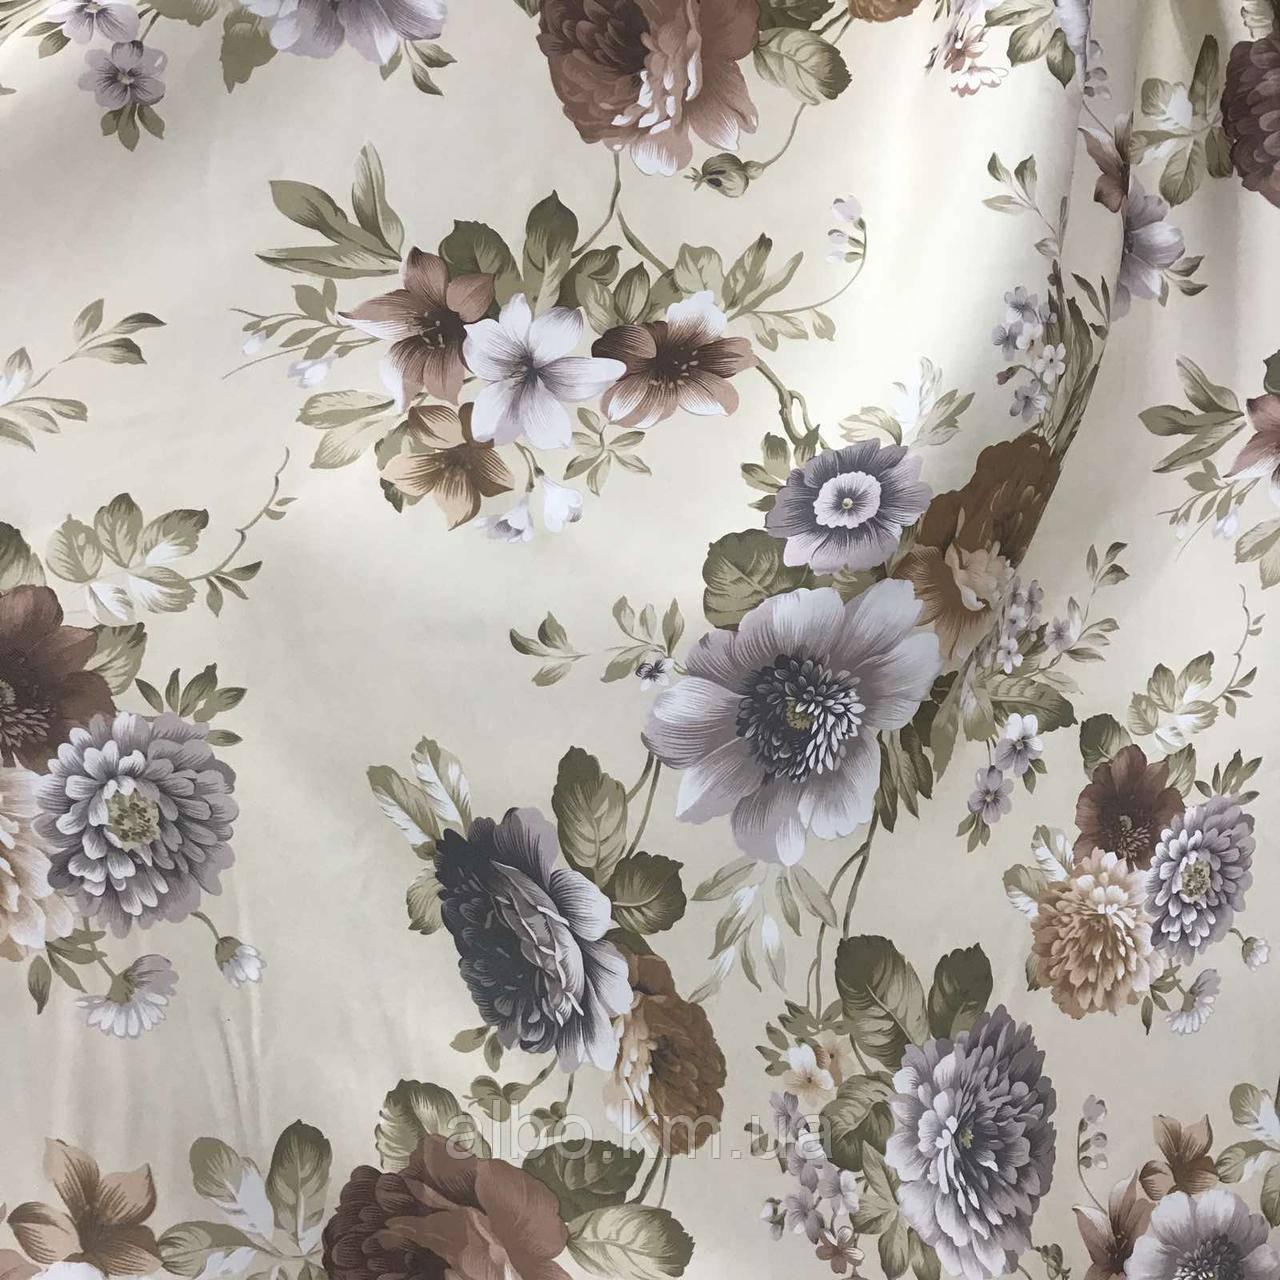 Щільна атласна шторна тканина з квітами, висота 2.8 м на метраж (630-1)